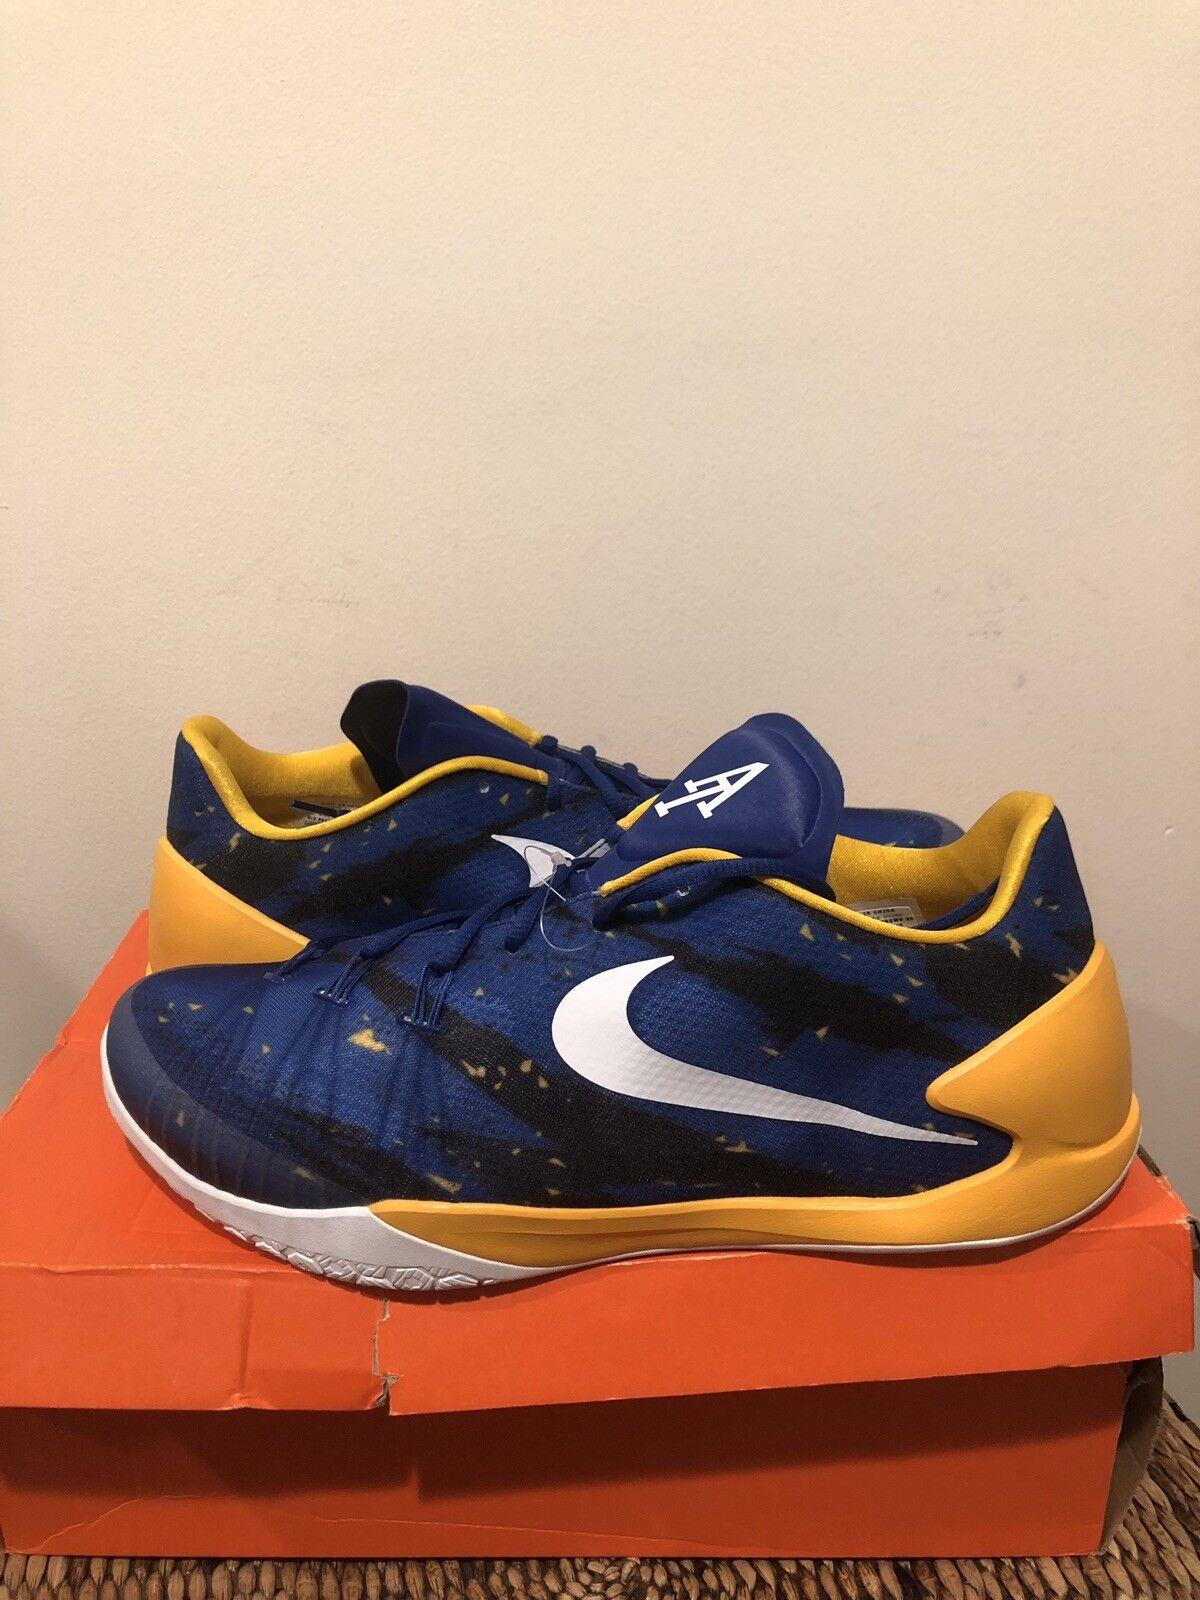 Nike Hyperchase Andre Iguodala PE Sample Size 16.5